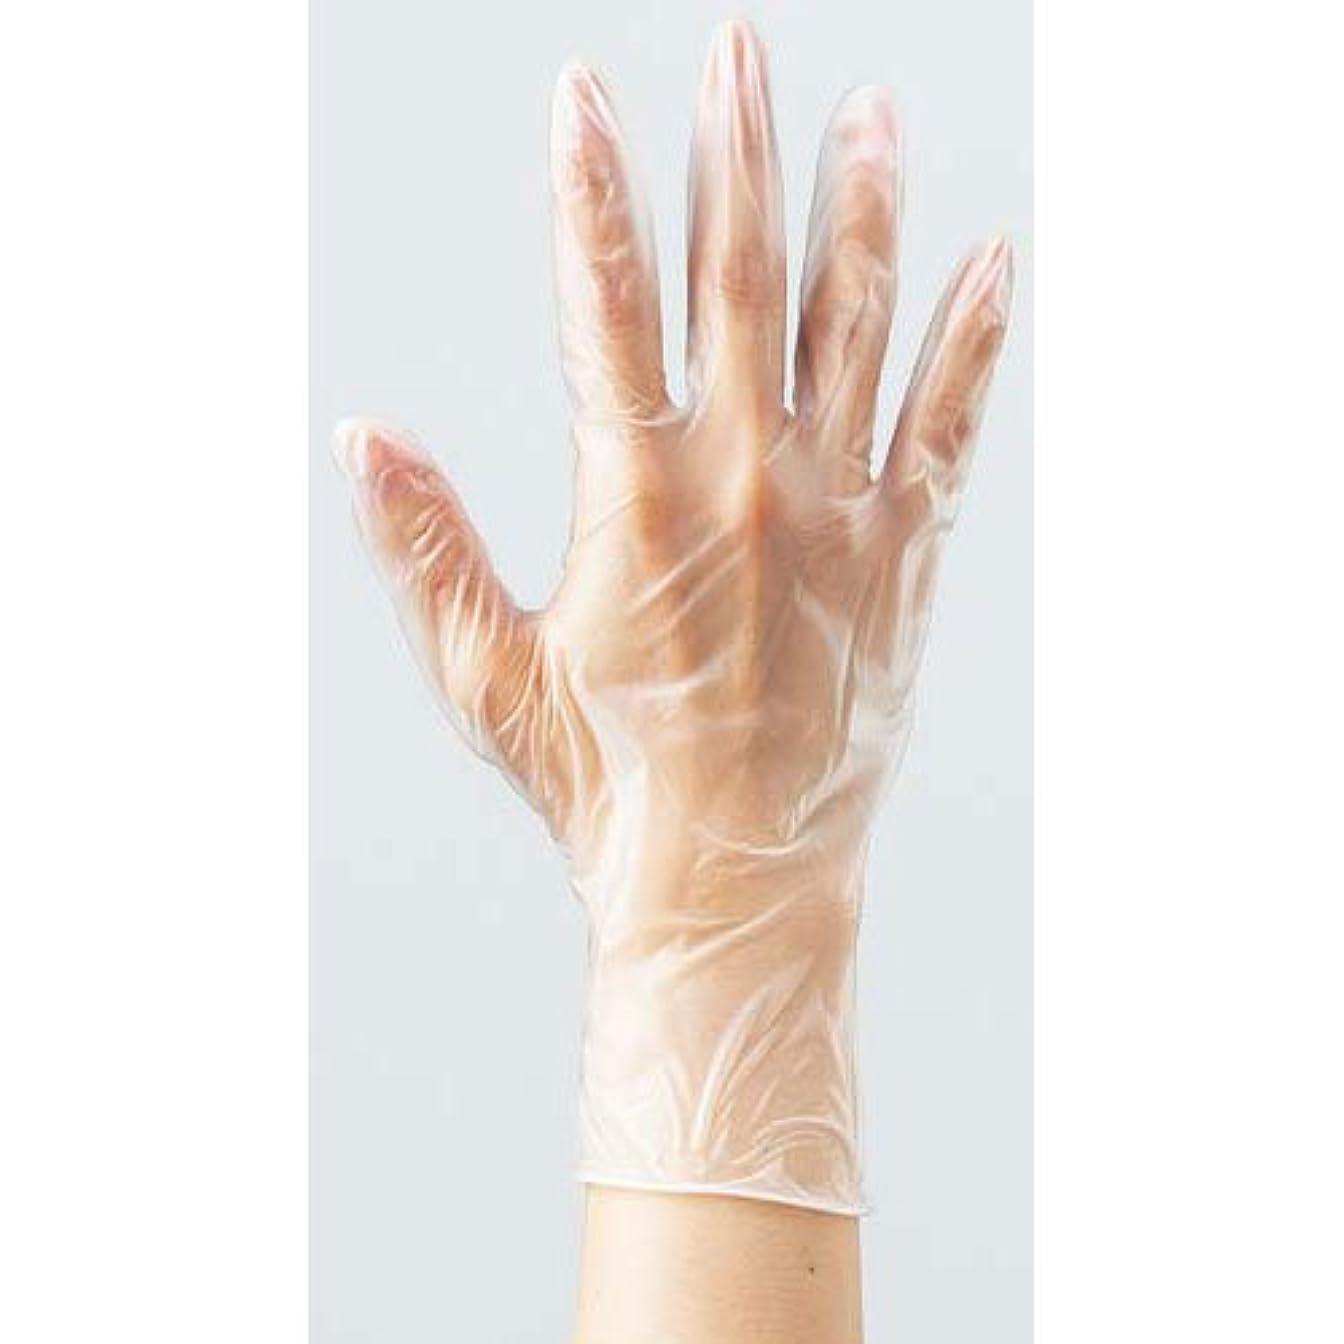 特別なニュースれるカウネット プラスチック手袋 袋入 粉無L 100枚